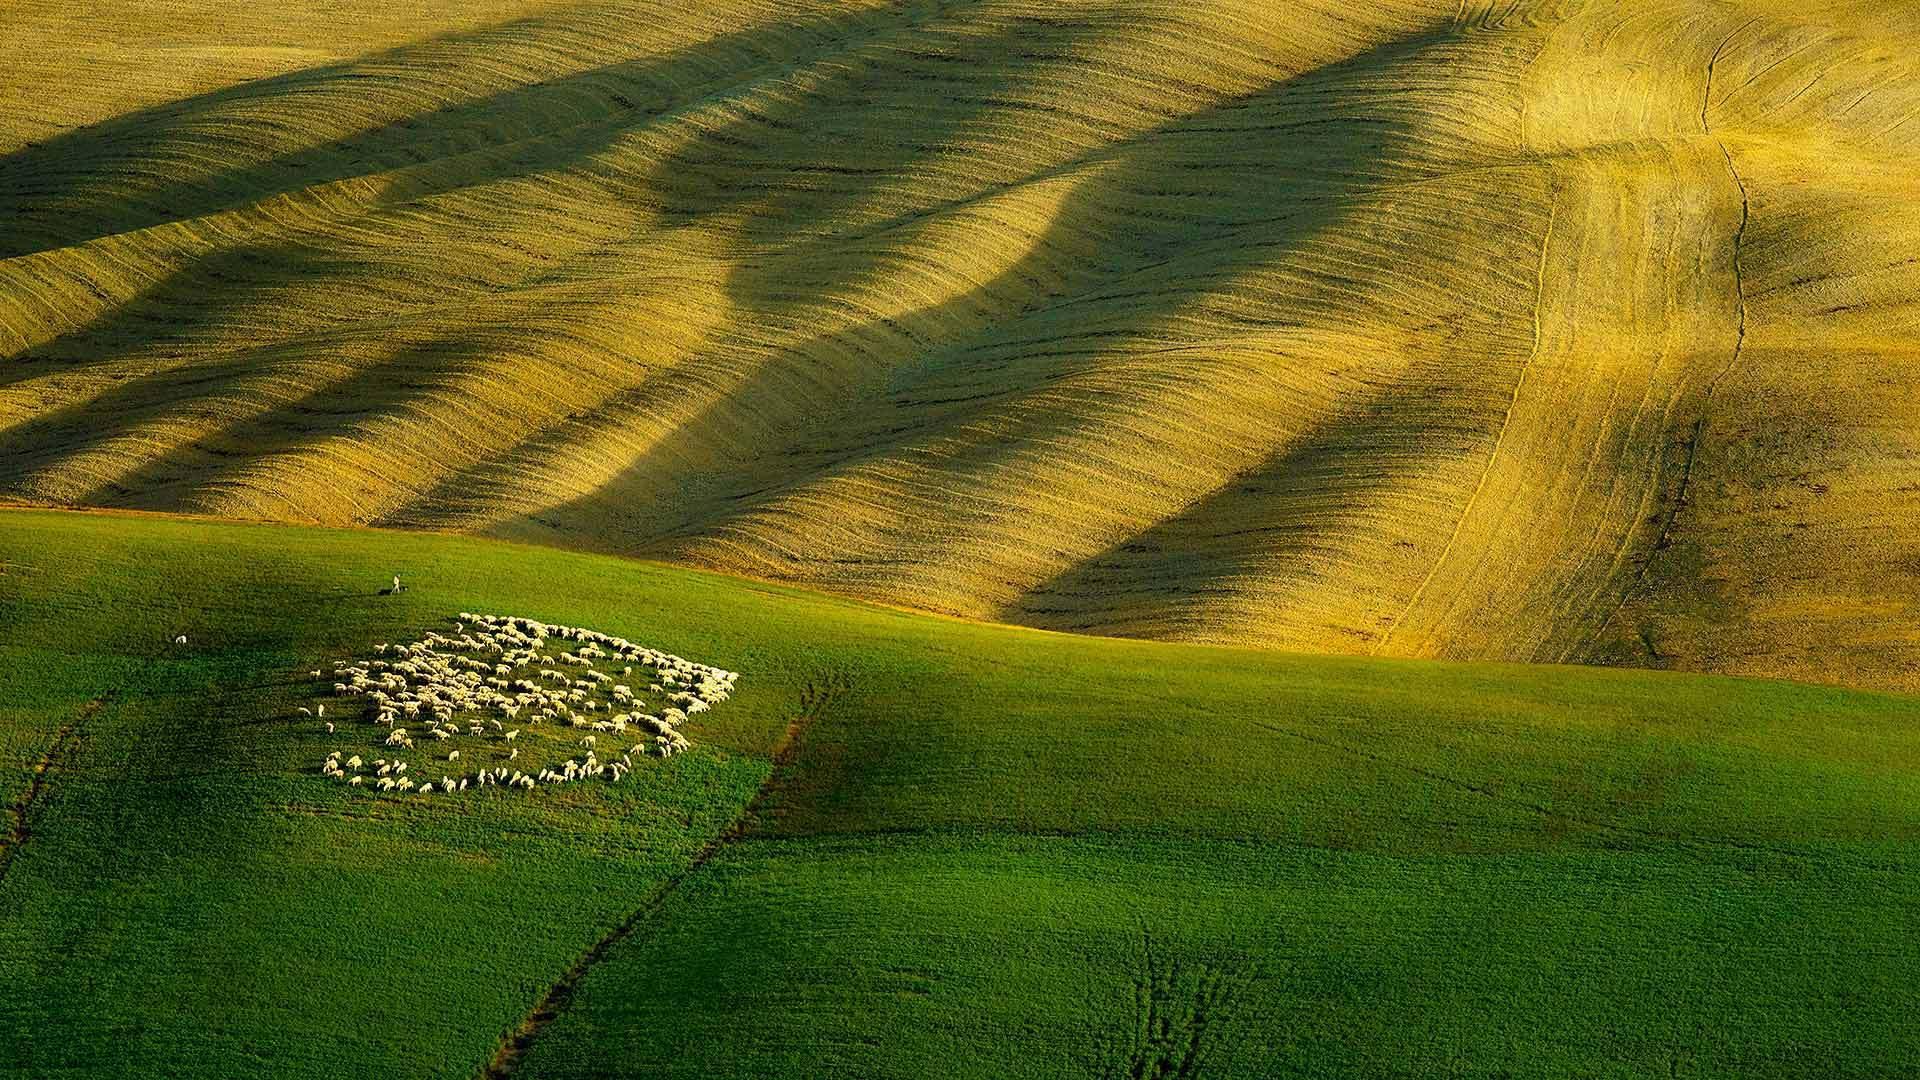 绿色幕布下的羊群